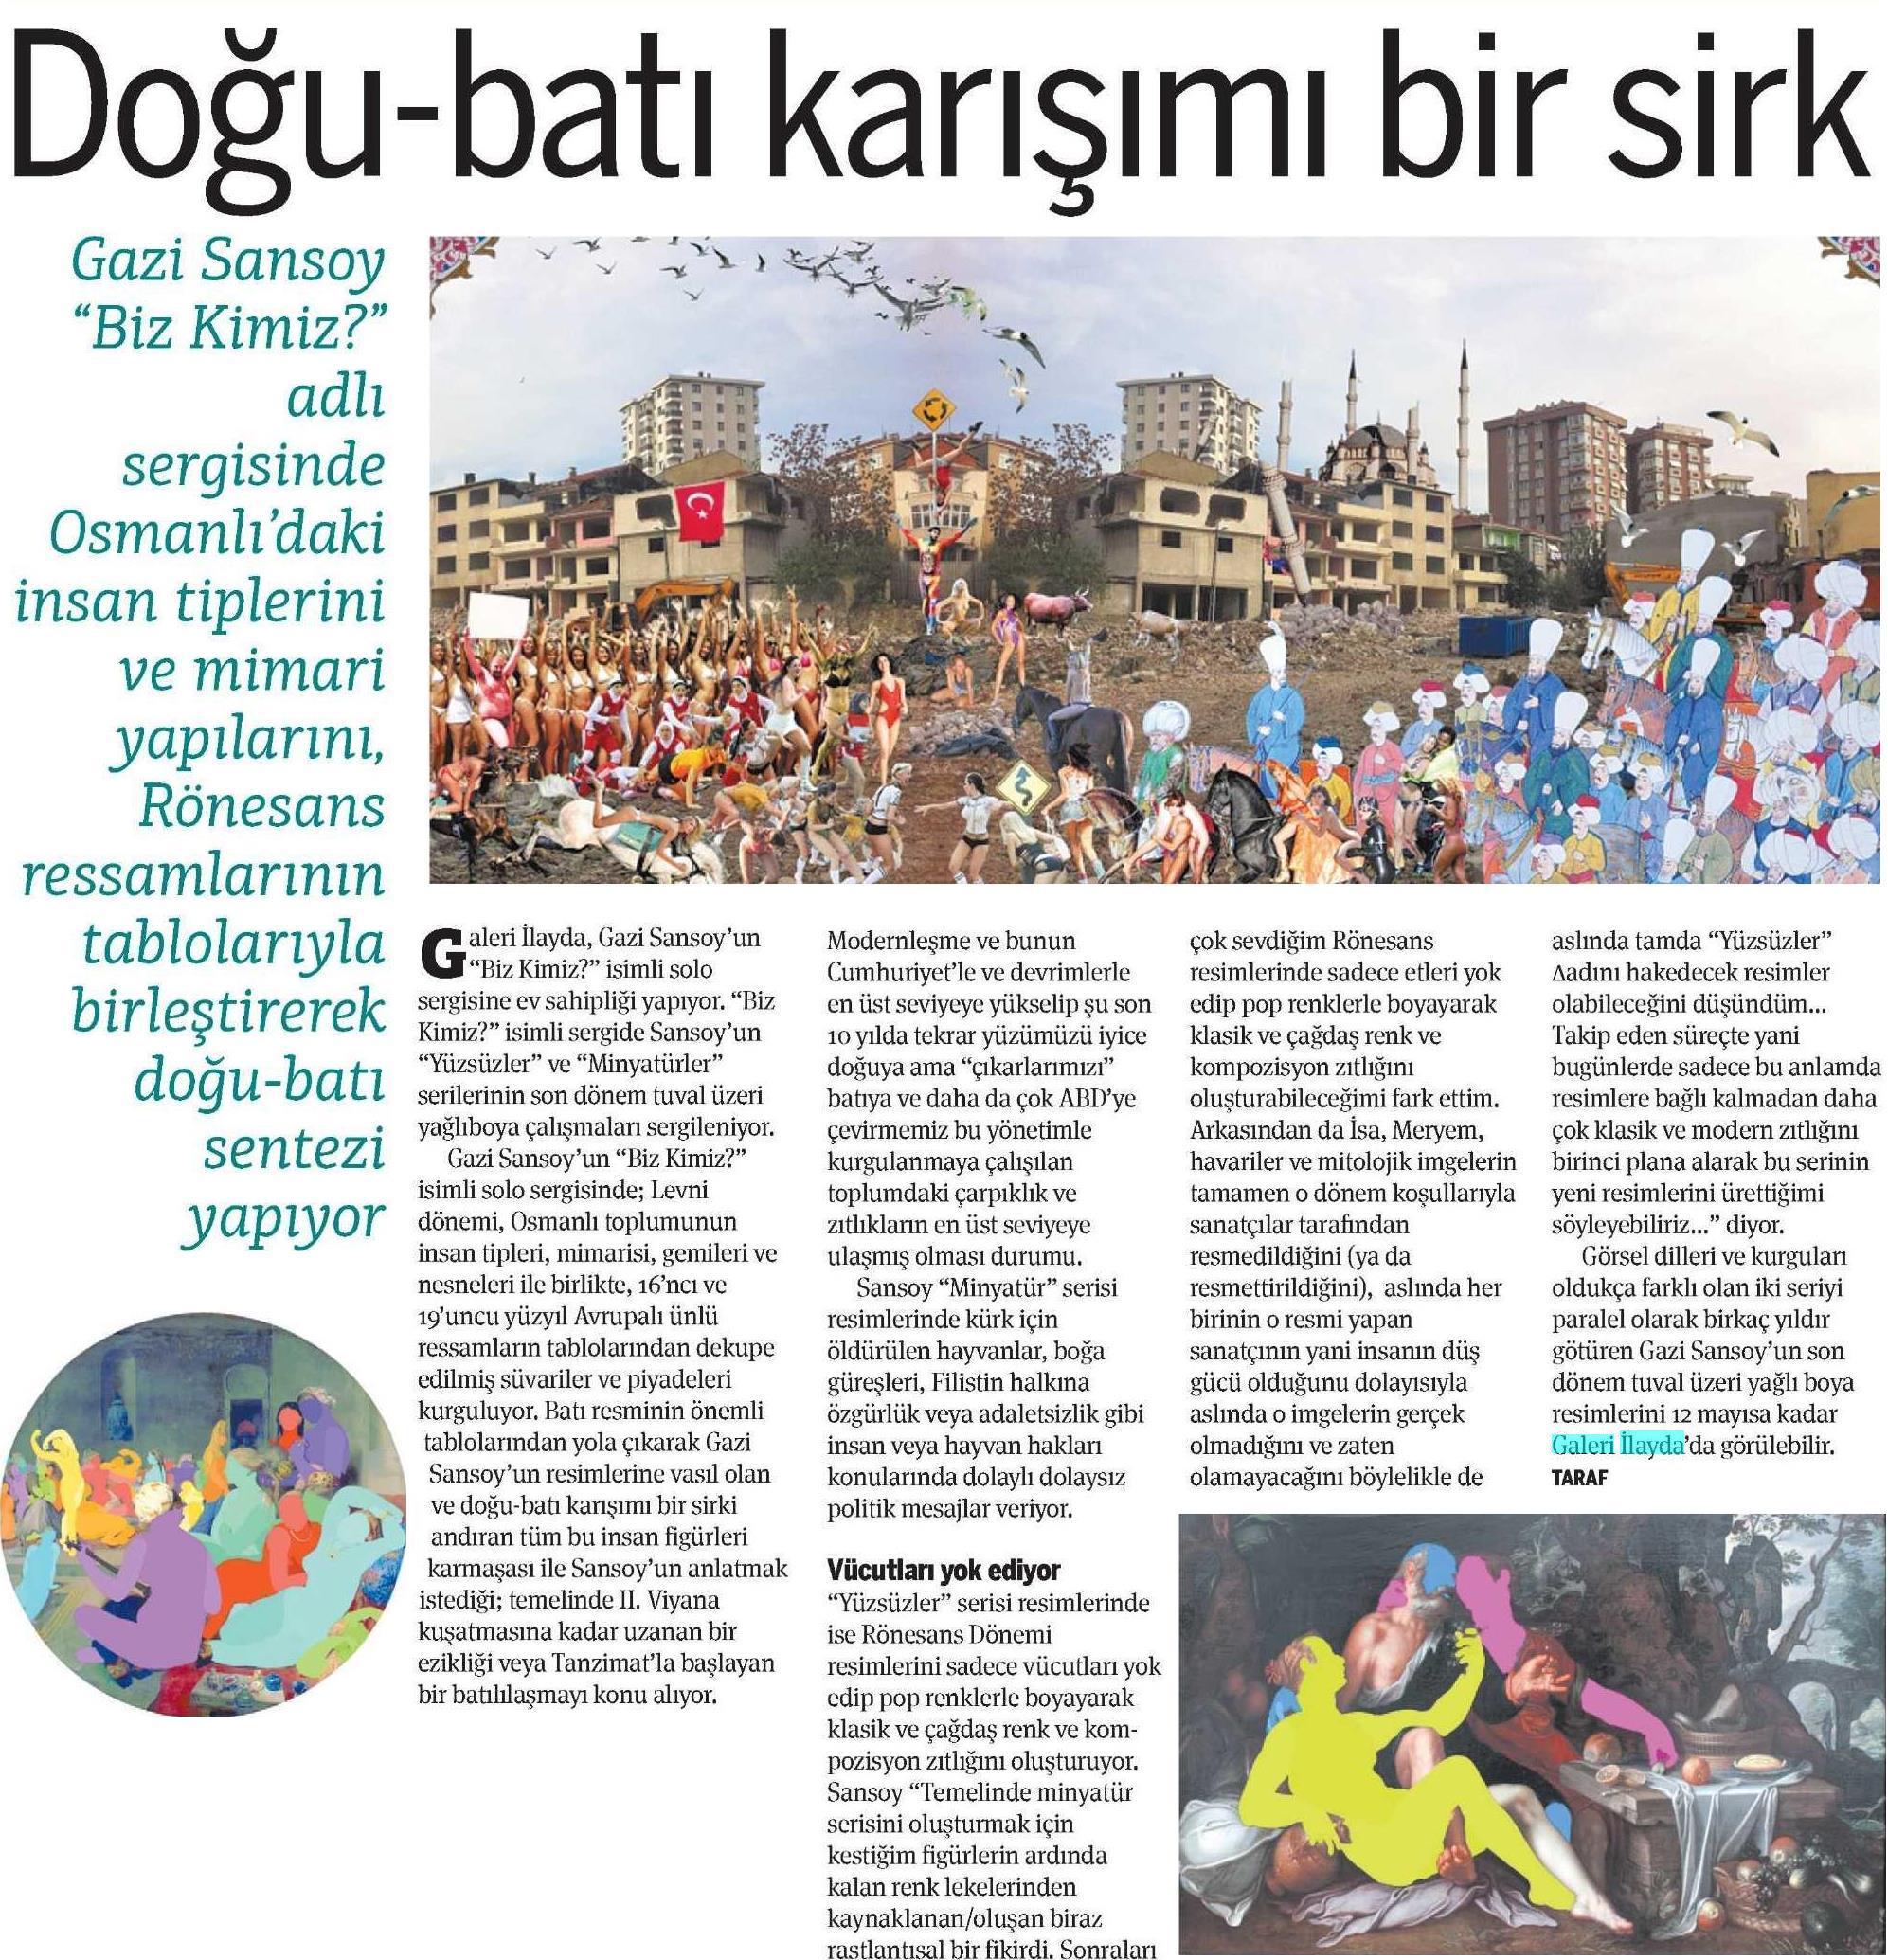 taraf gazetesı mayıs 2013